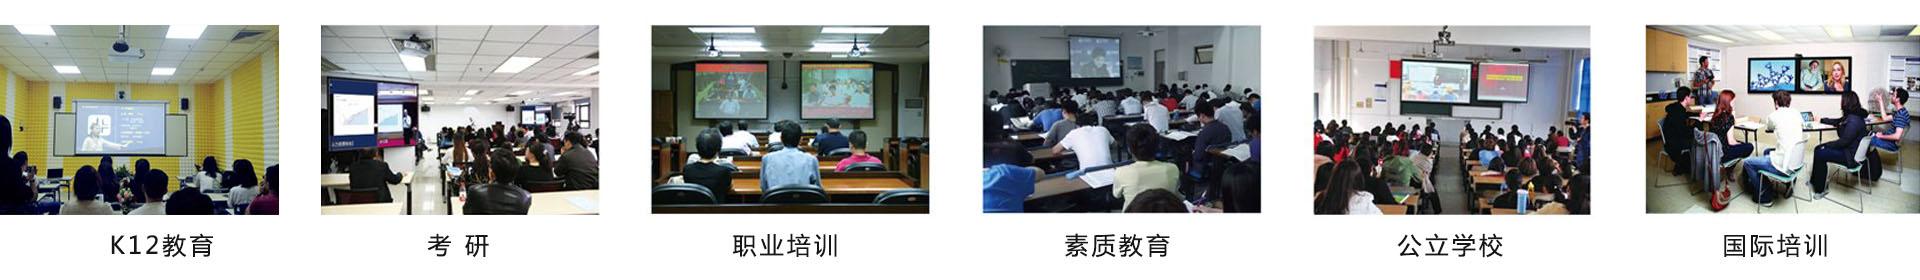 远程教育解决方案.jpg